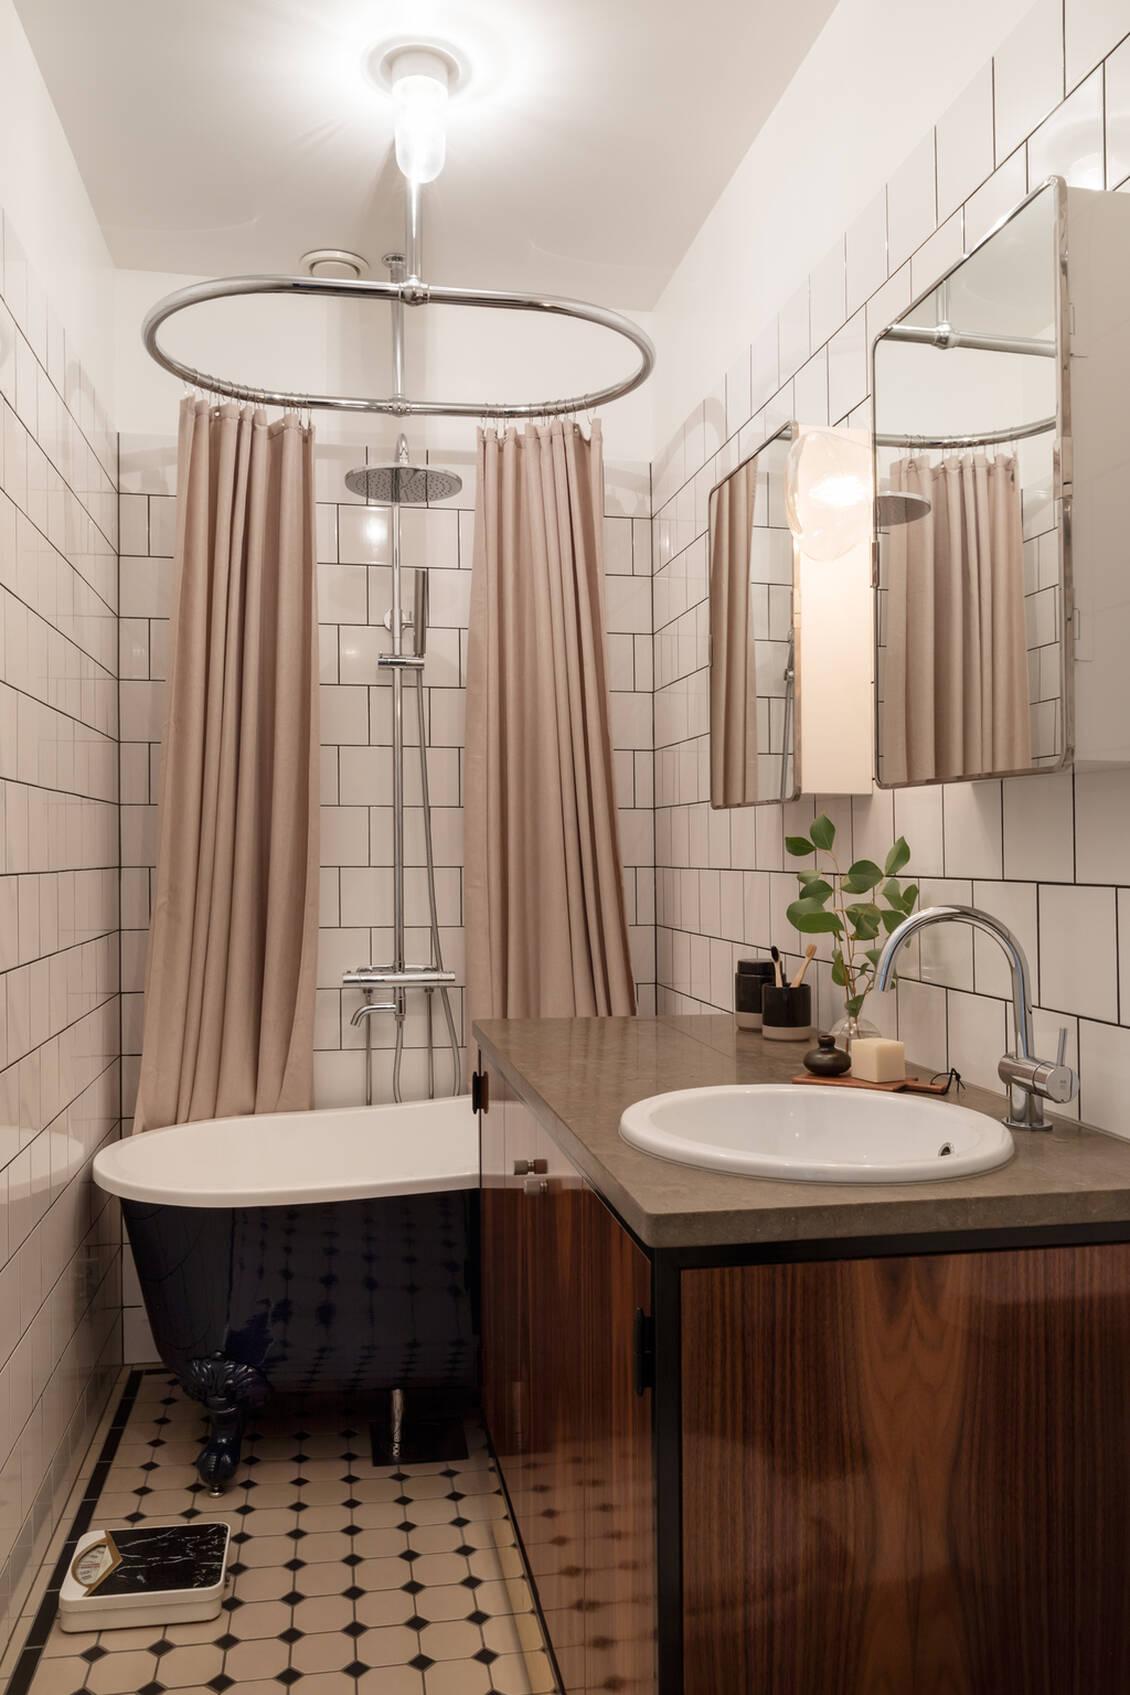 Badrummet, totalrenoverat 2019 enligt ritningar av arkitekt.